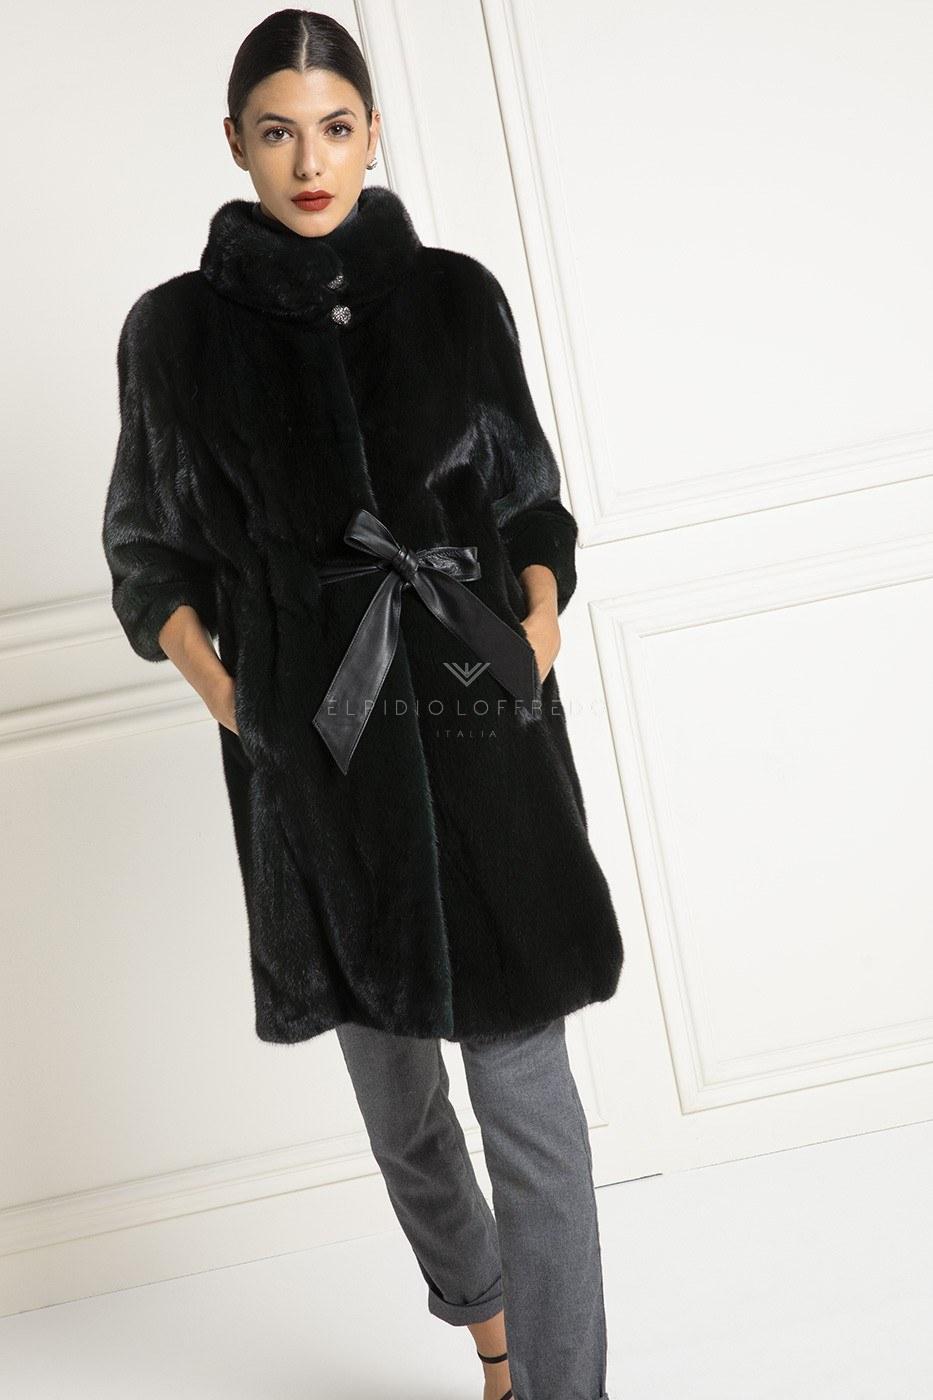 Cappotto di Visone Verde con Collo Rotondo - Lunghezza 90 cm